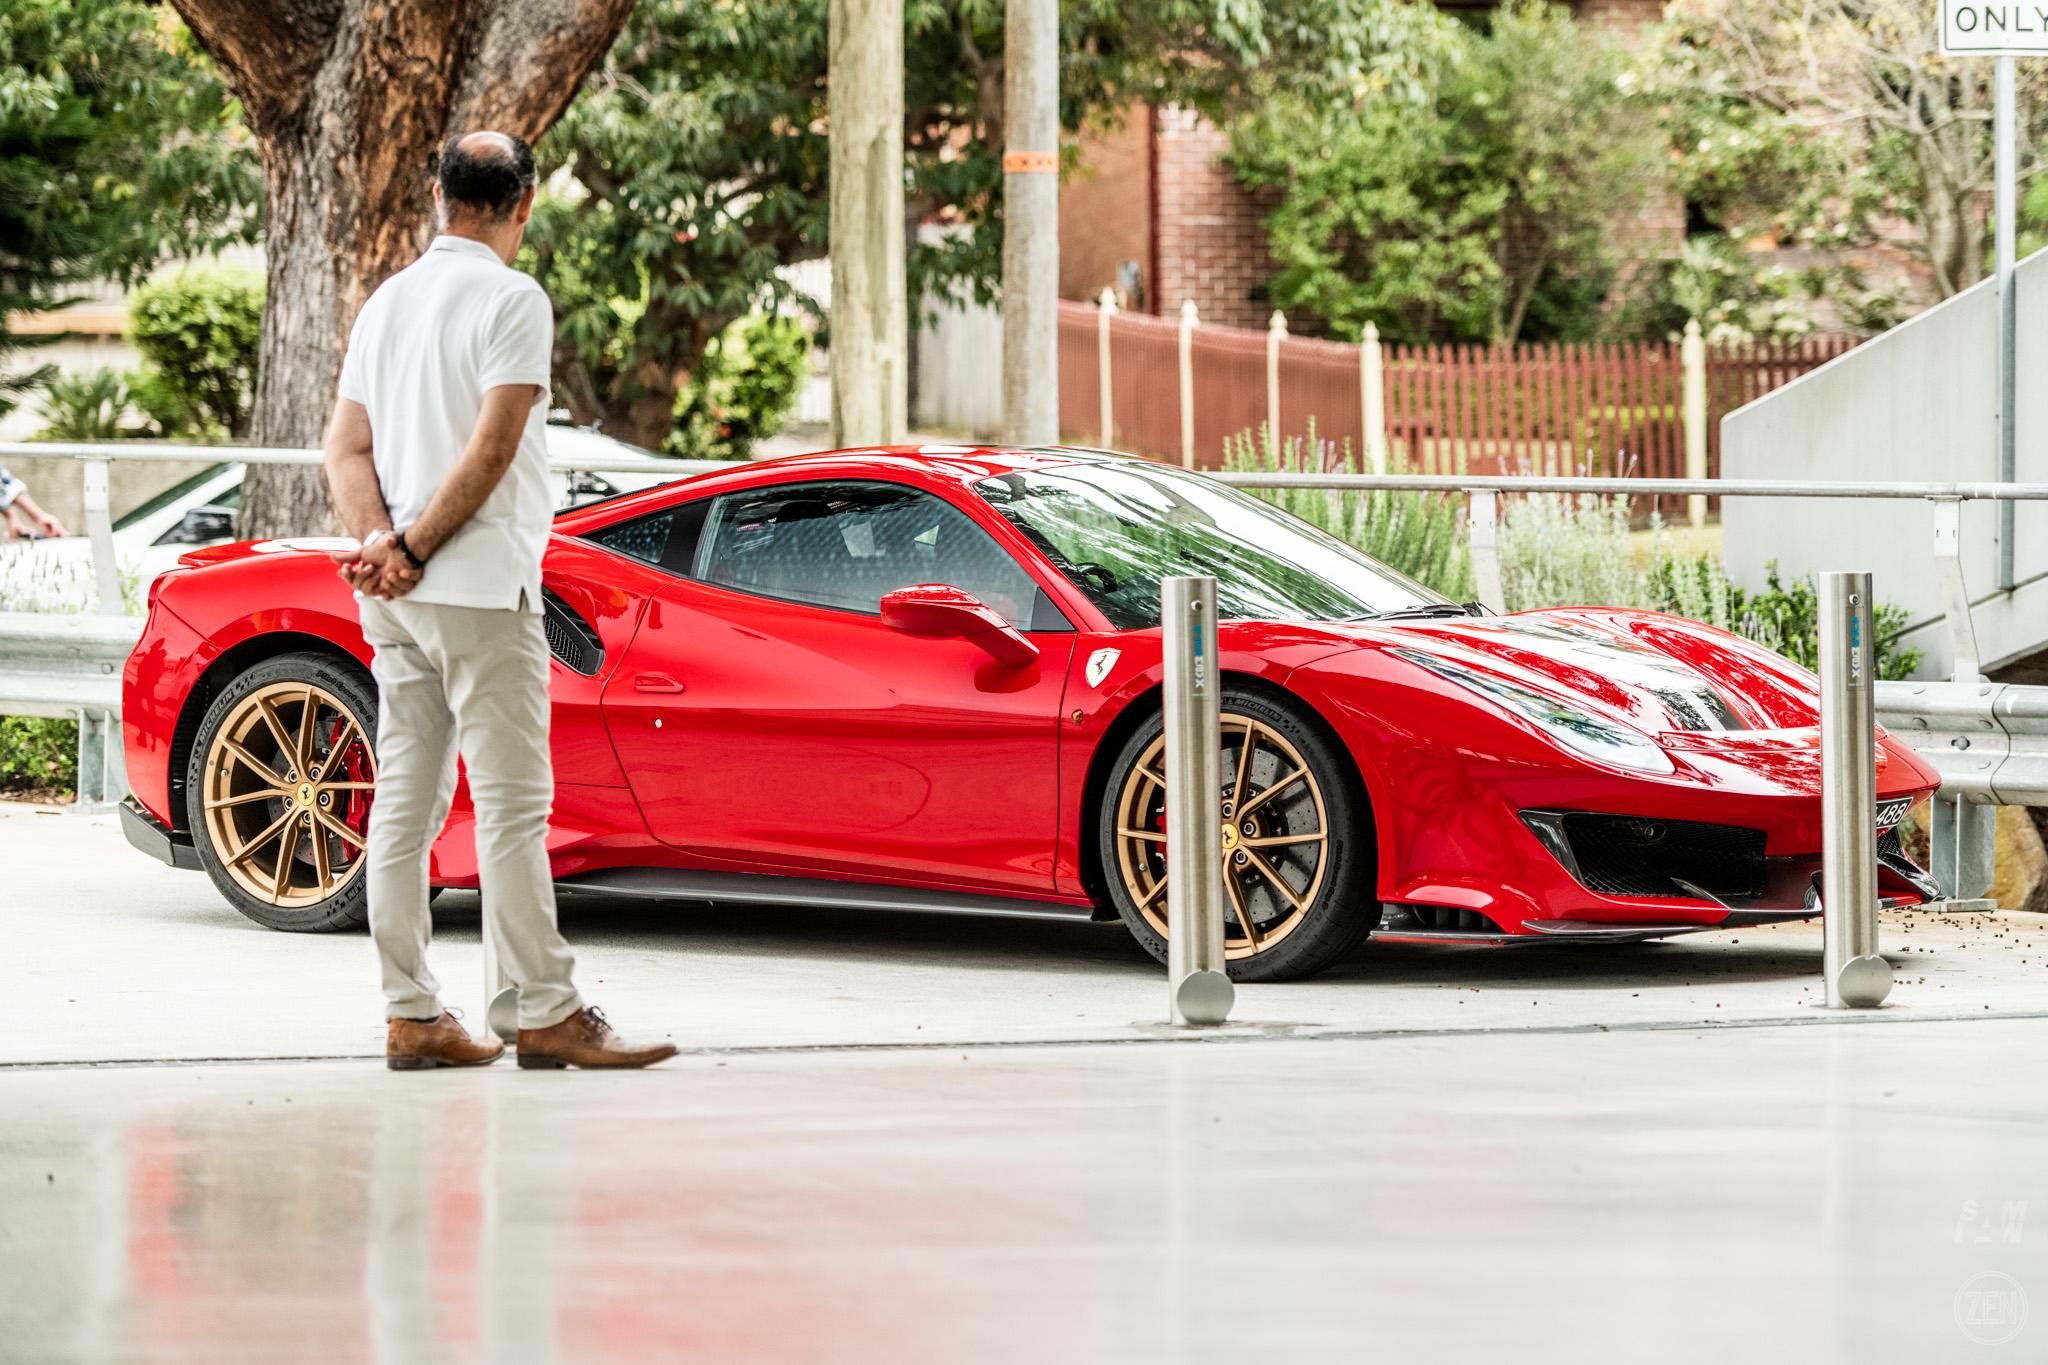 2019-09-21 - Ferrari Concorso 093